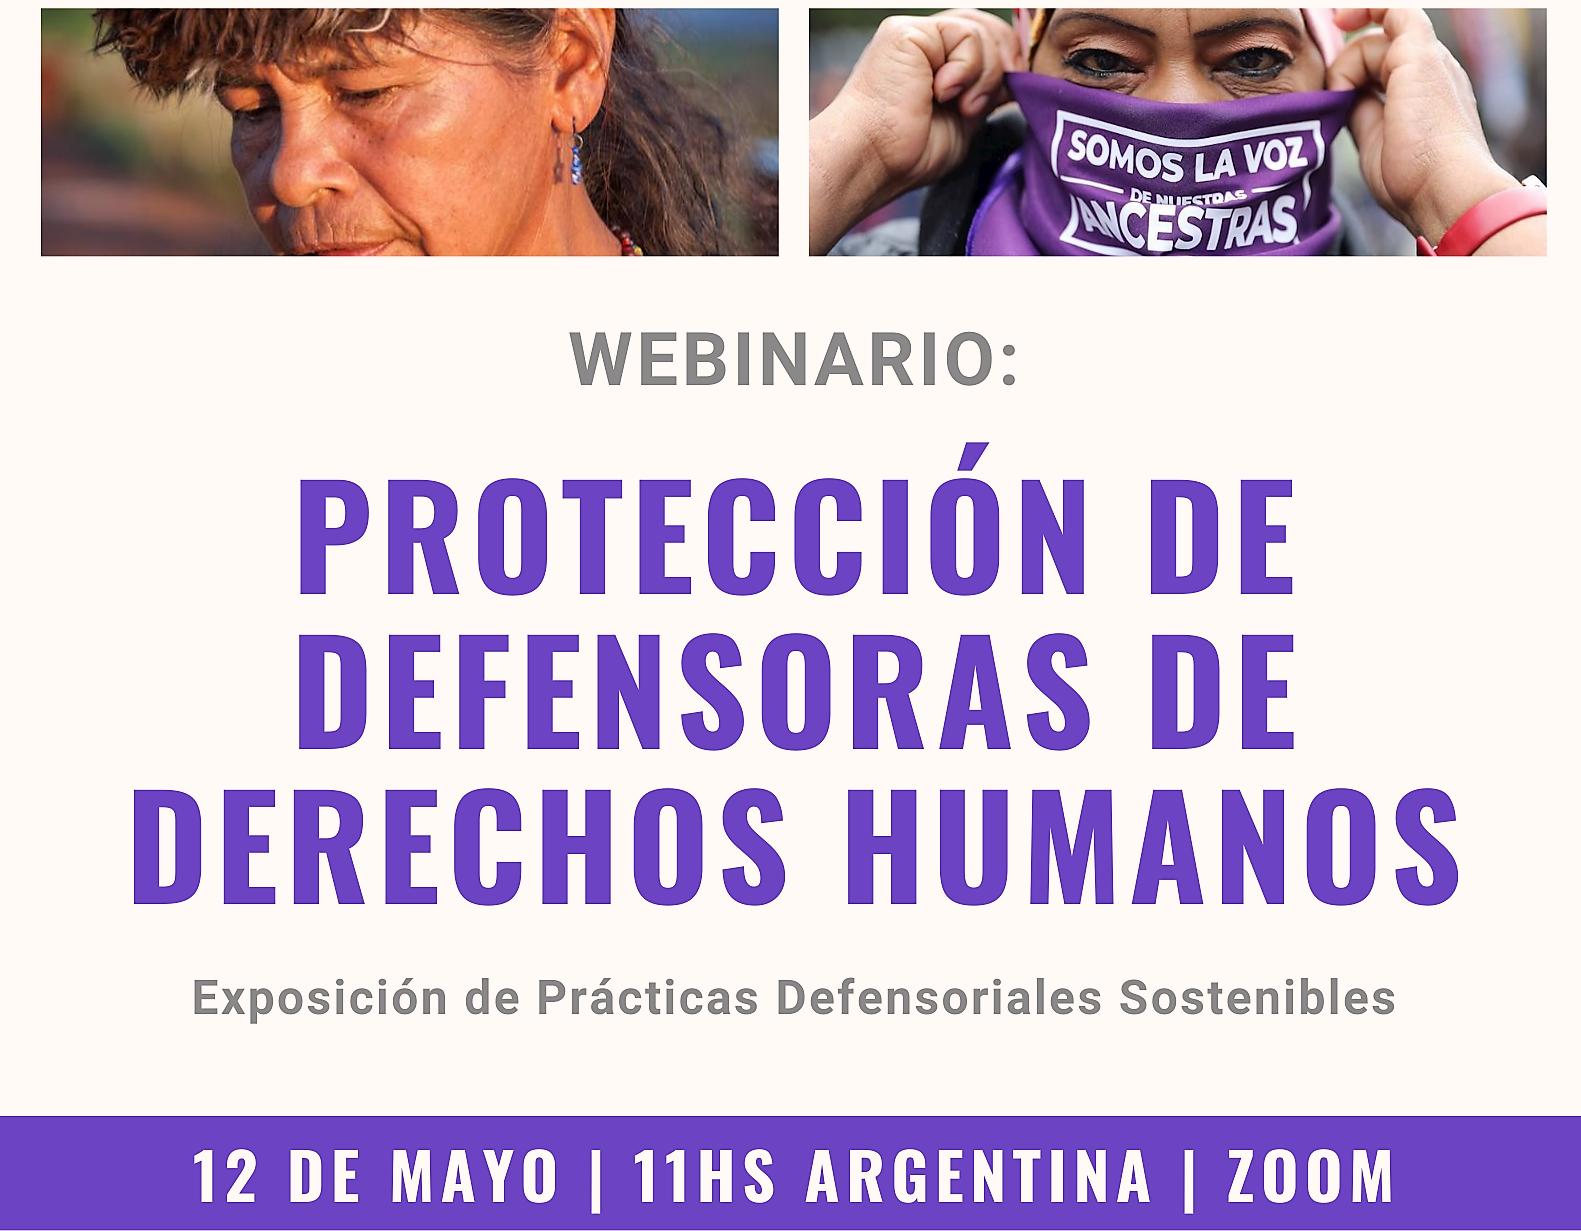 Webinar: Protección de defensoras de derechos humanos